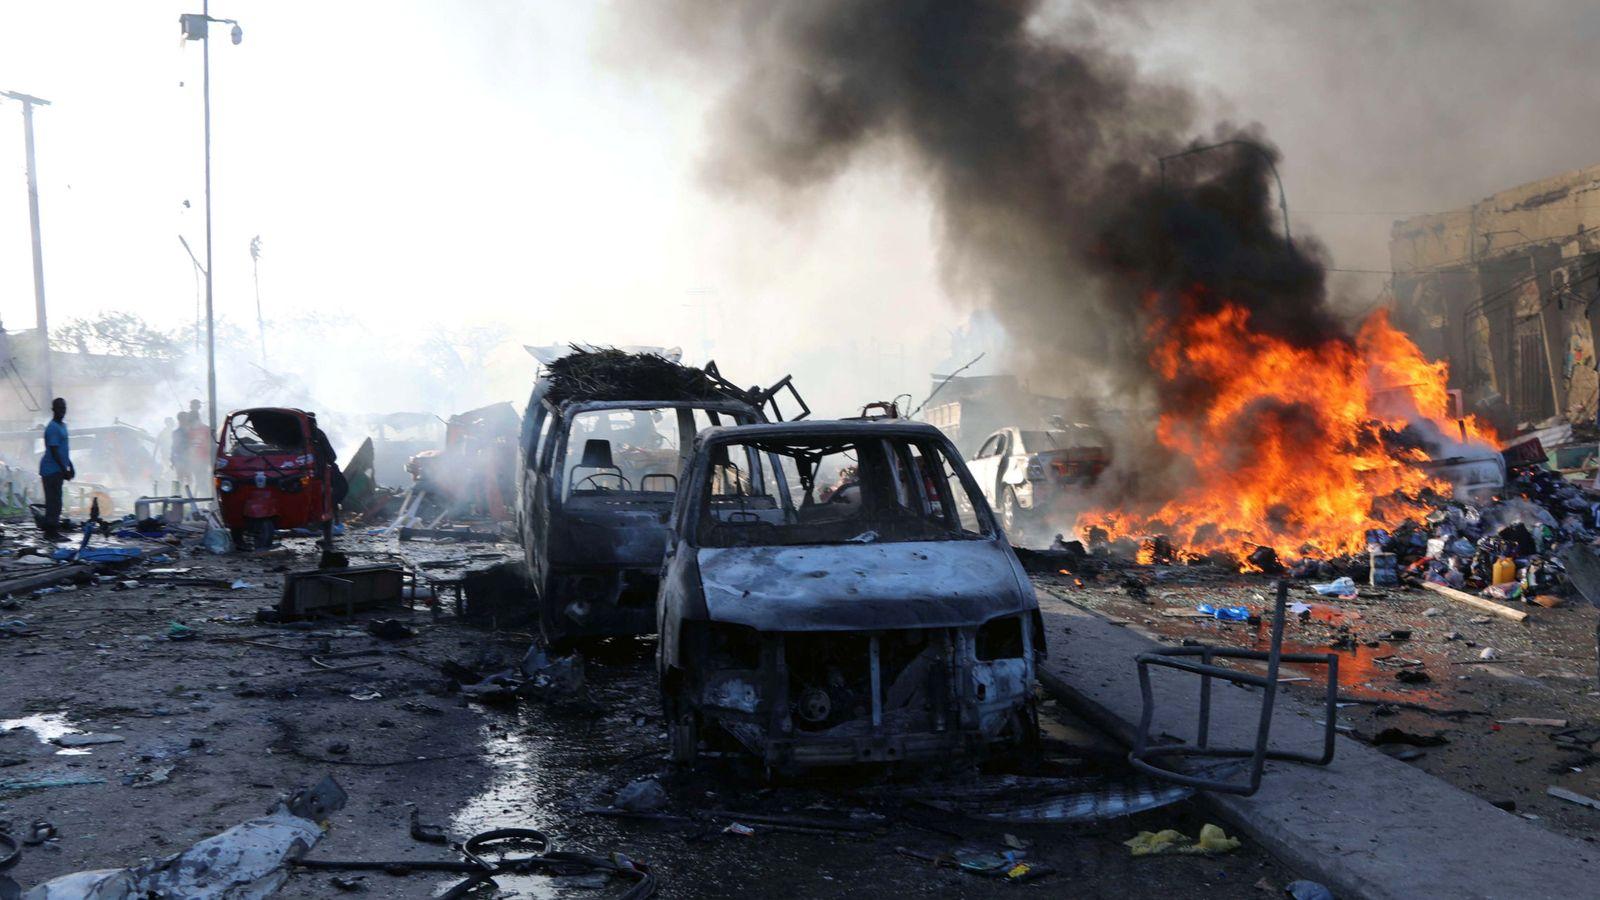 Foto: Vista de la escena donde tuvo lugar la explosión. (Reuters)